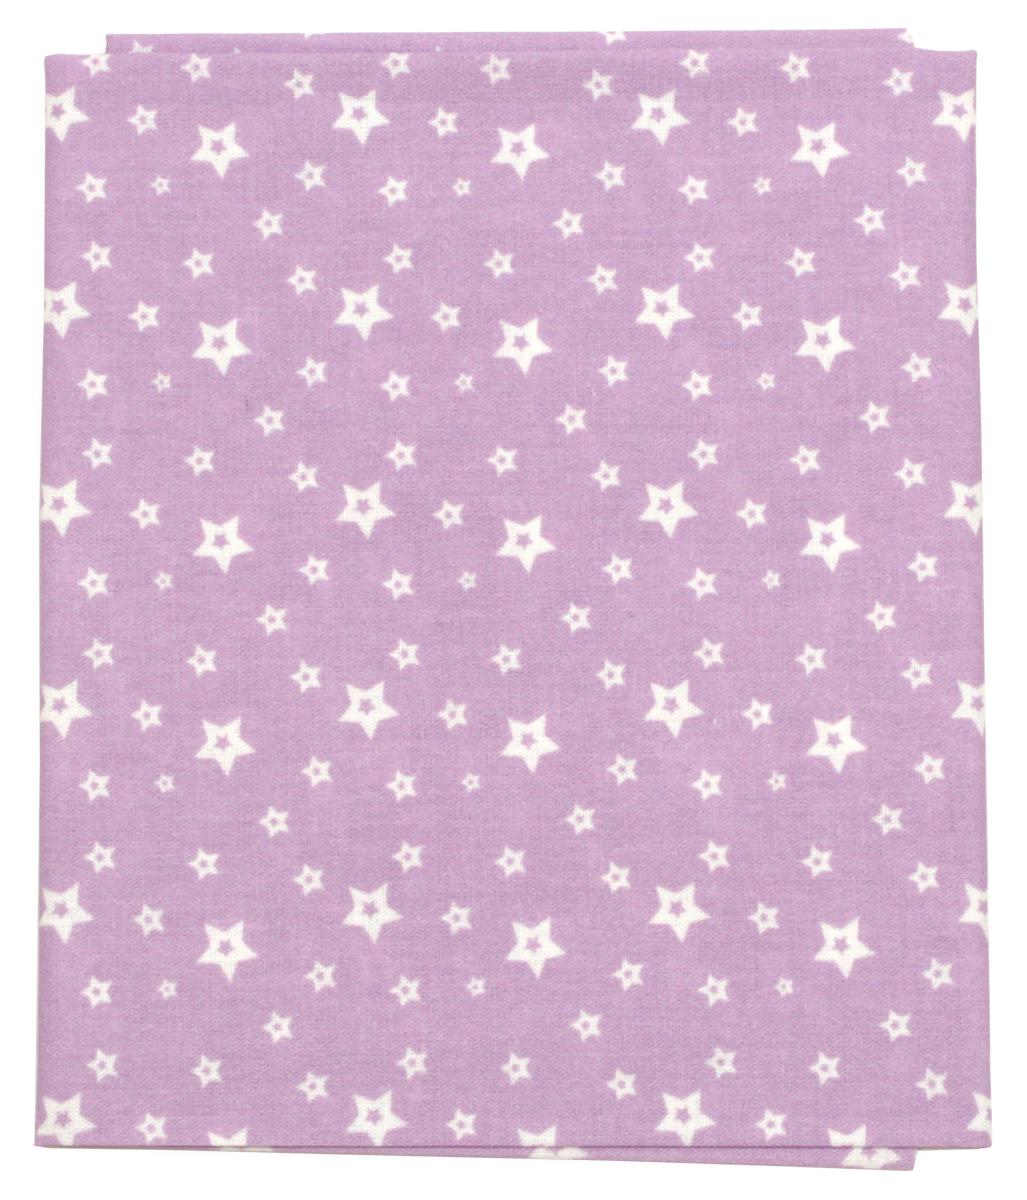 Ткань Кустарь Звезды №33, 48 х 50 см. AM575033NLED-454-9W-BKТкань Кустарь - это высококачественная ткань из 100% хлопка, которая отлично подходит для пошива покрывал, сумок, панно, одежды, кукол. Также подходит для рукоделия в стиле скрапбукинг и пэчворк.Плотность ткани:120 г/м2. Размер: 48 х 50 см.